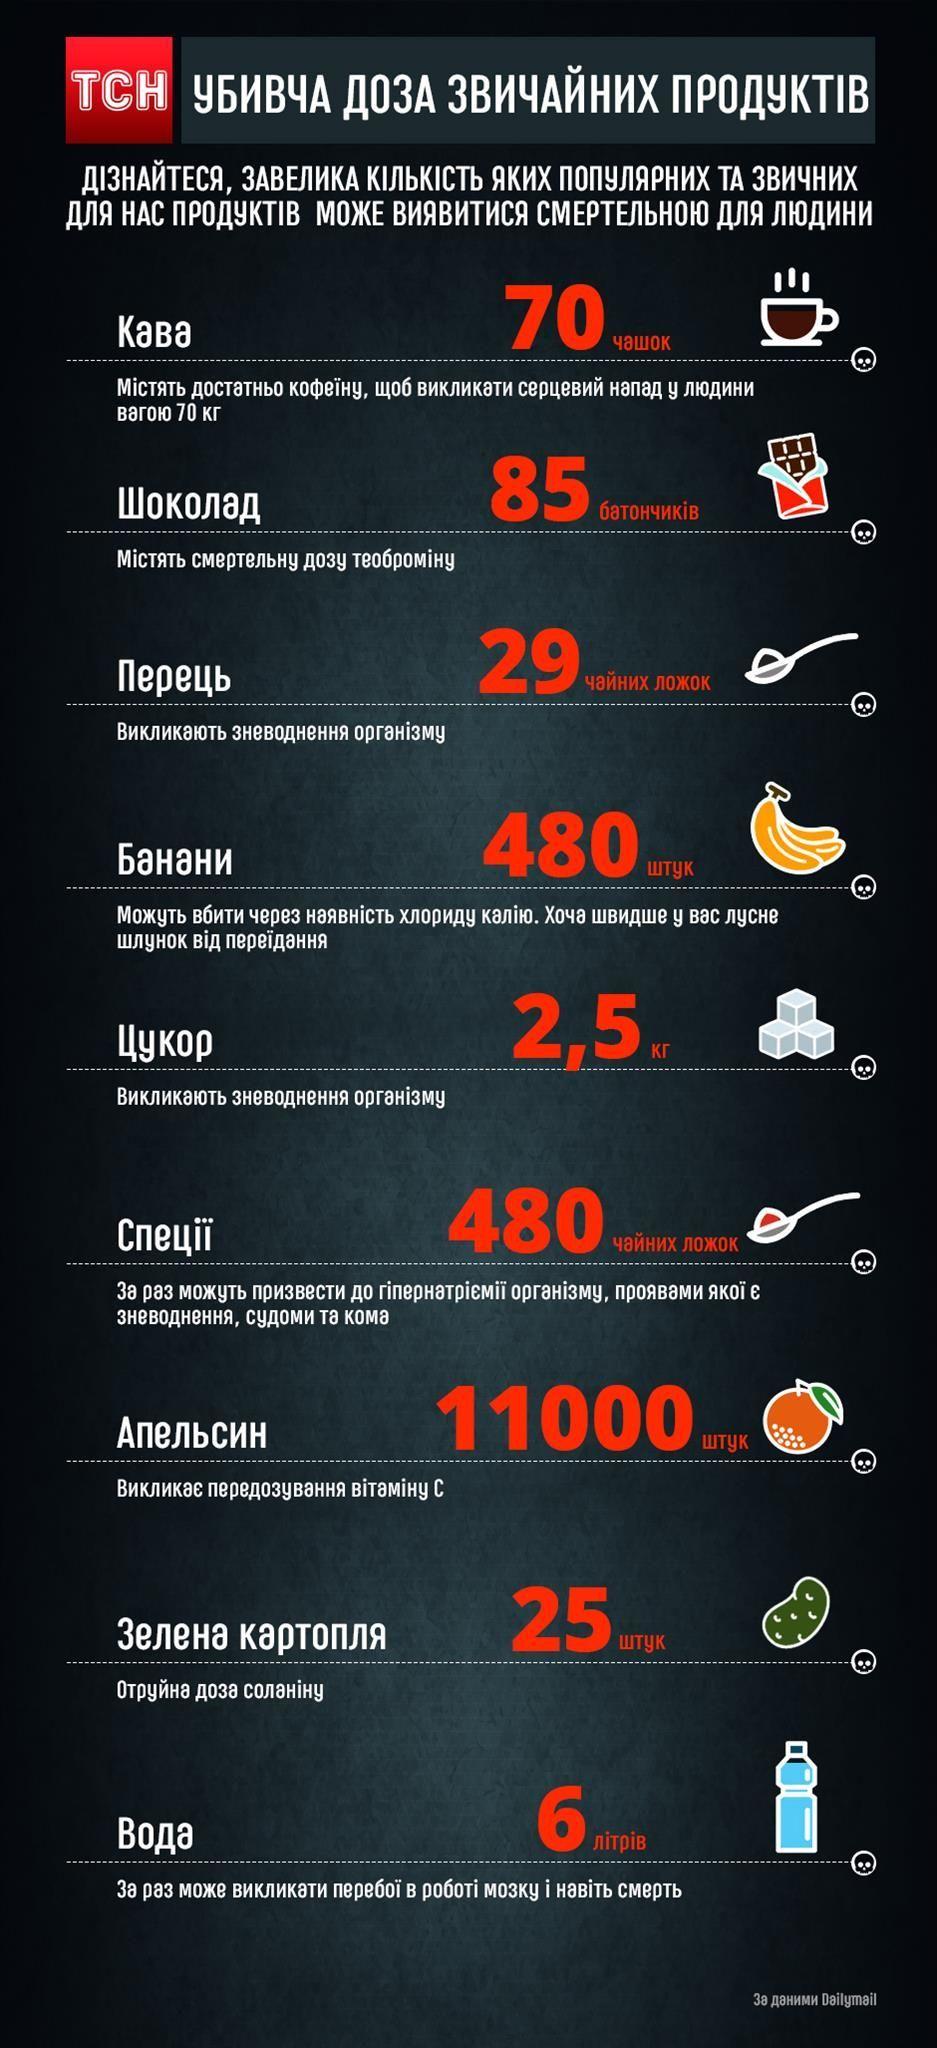 небезпечні продукти, інфографіка